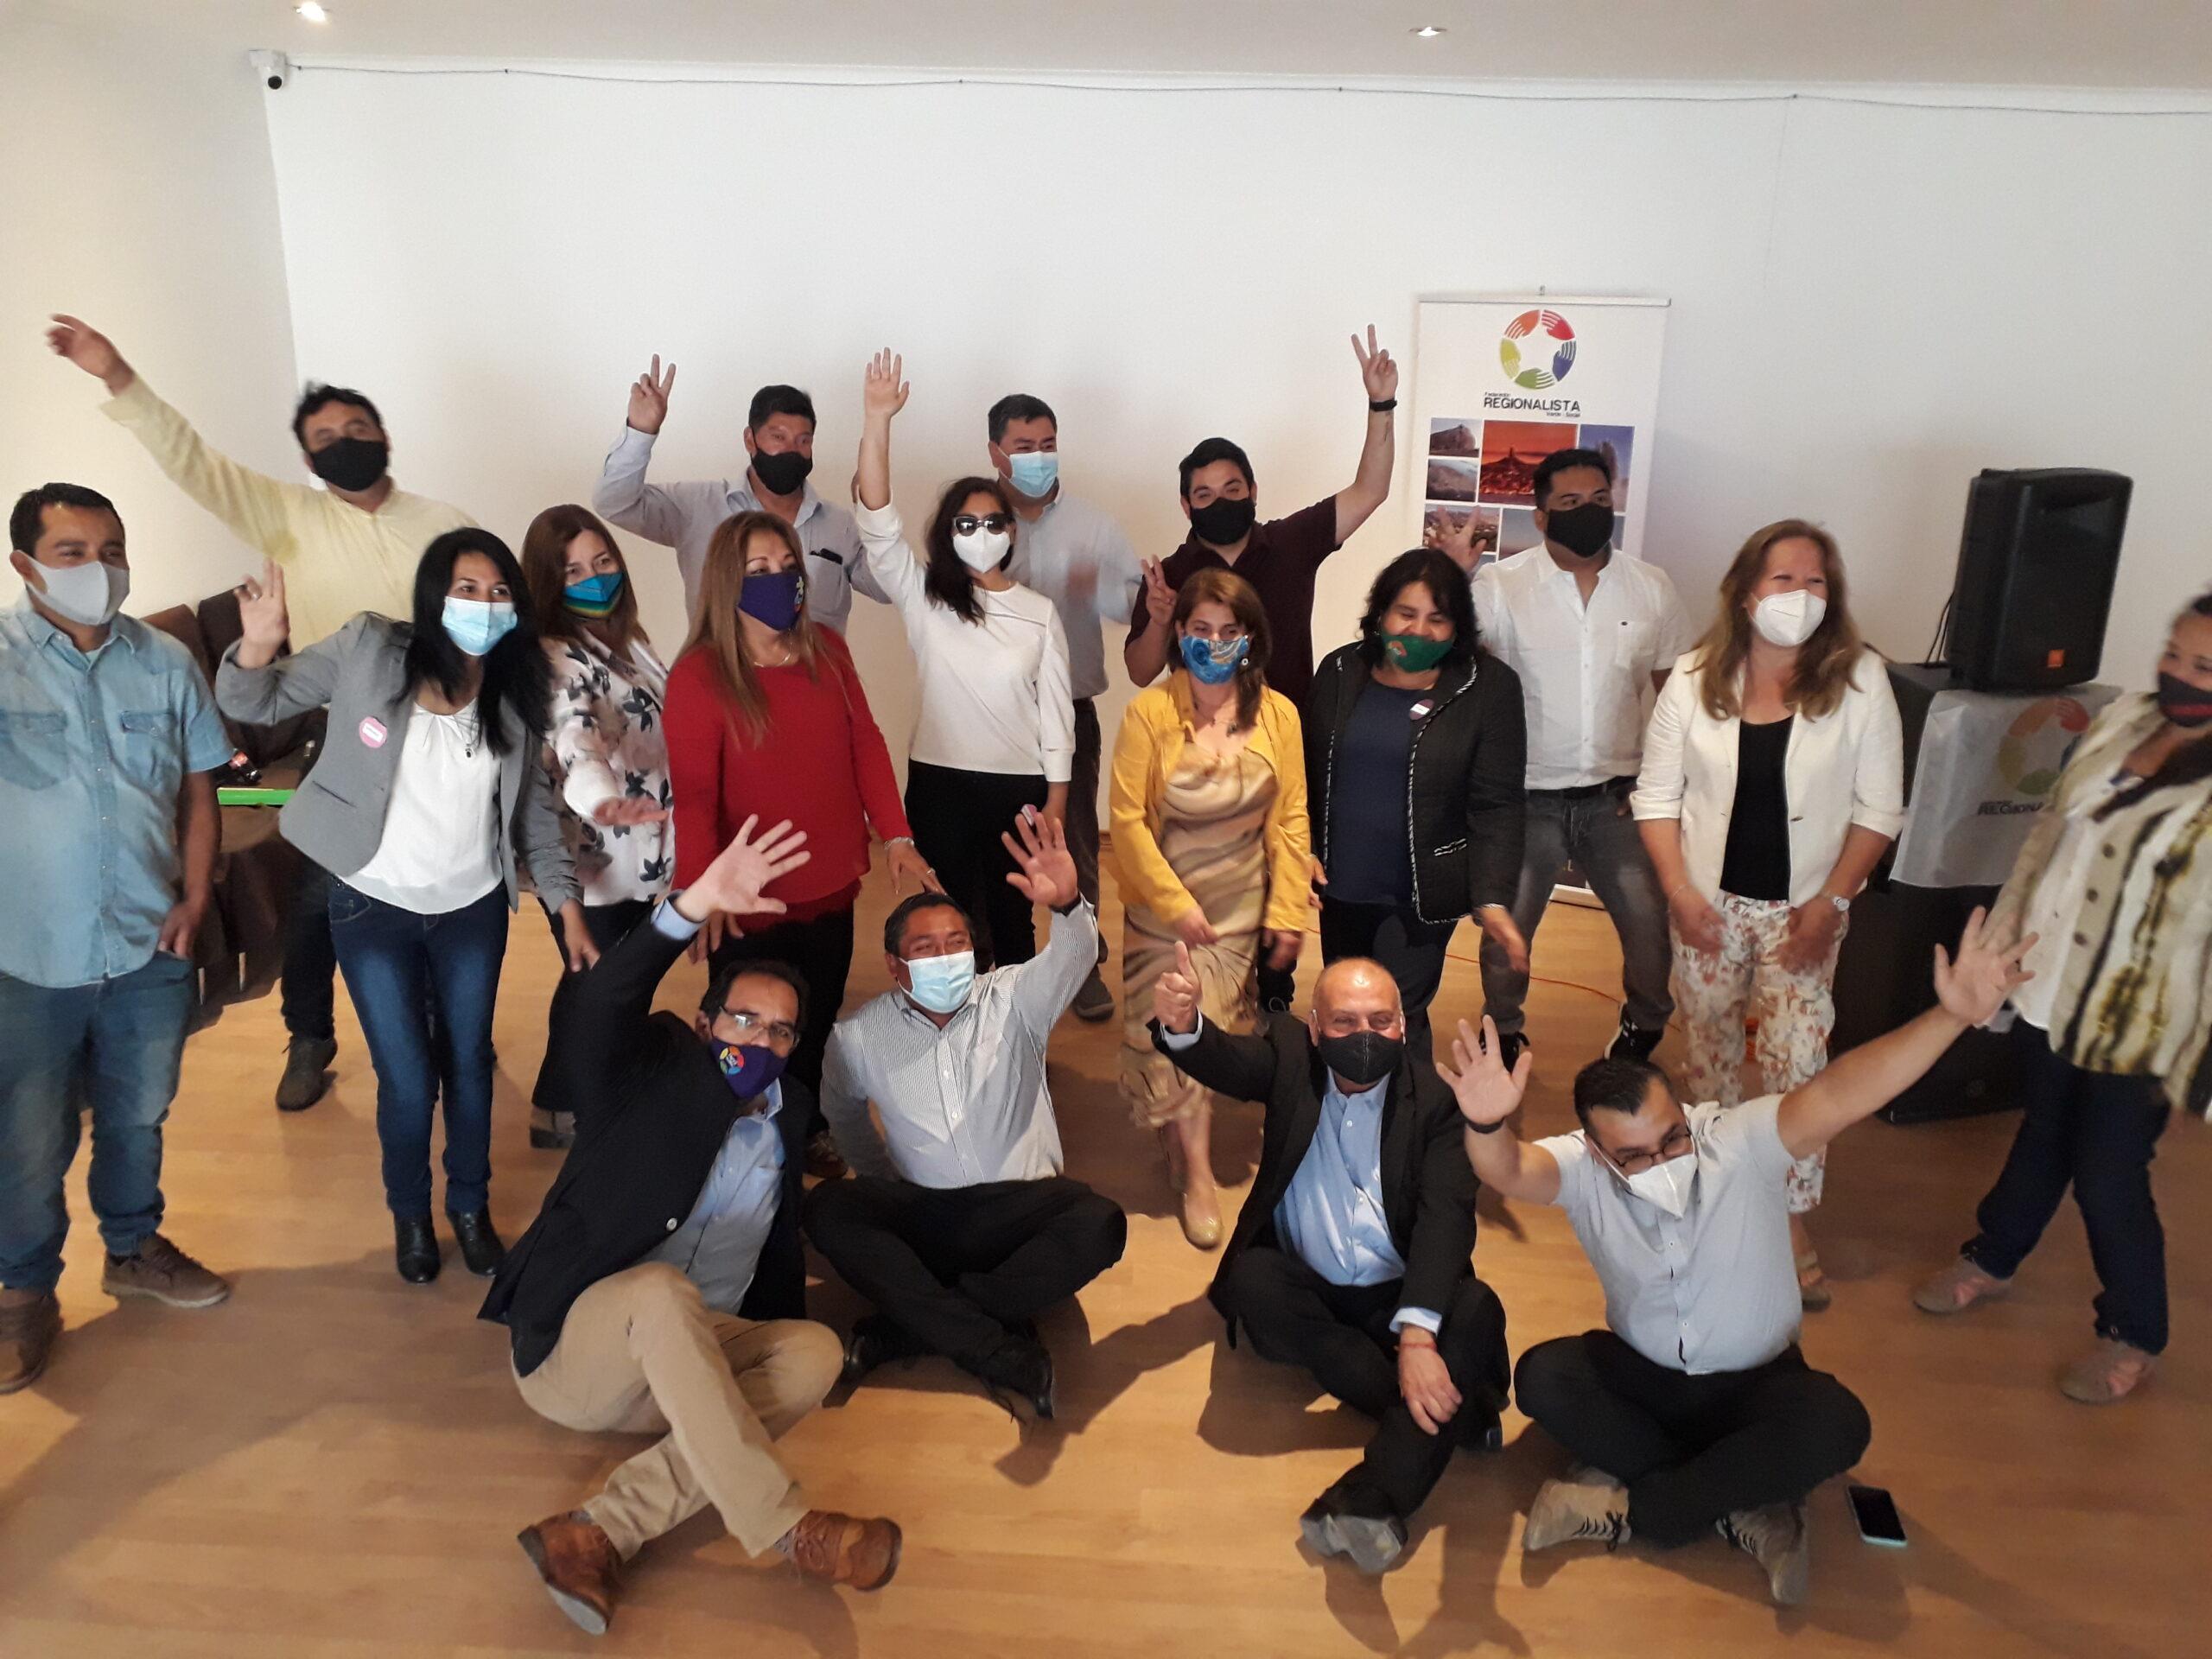 FREVS presentó candidatos a concejal, alcalde y a gobernador regional para Atacama